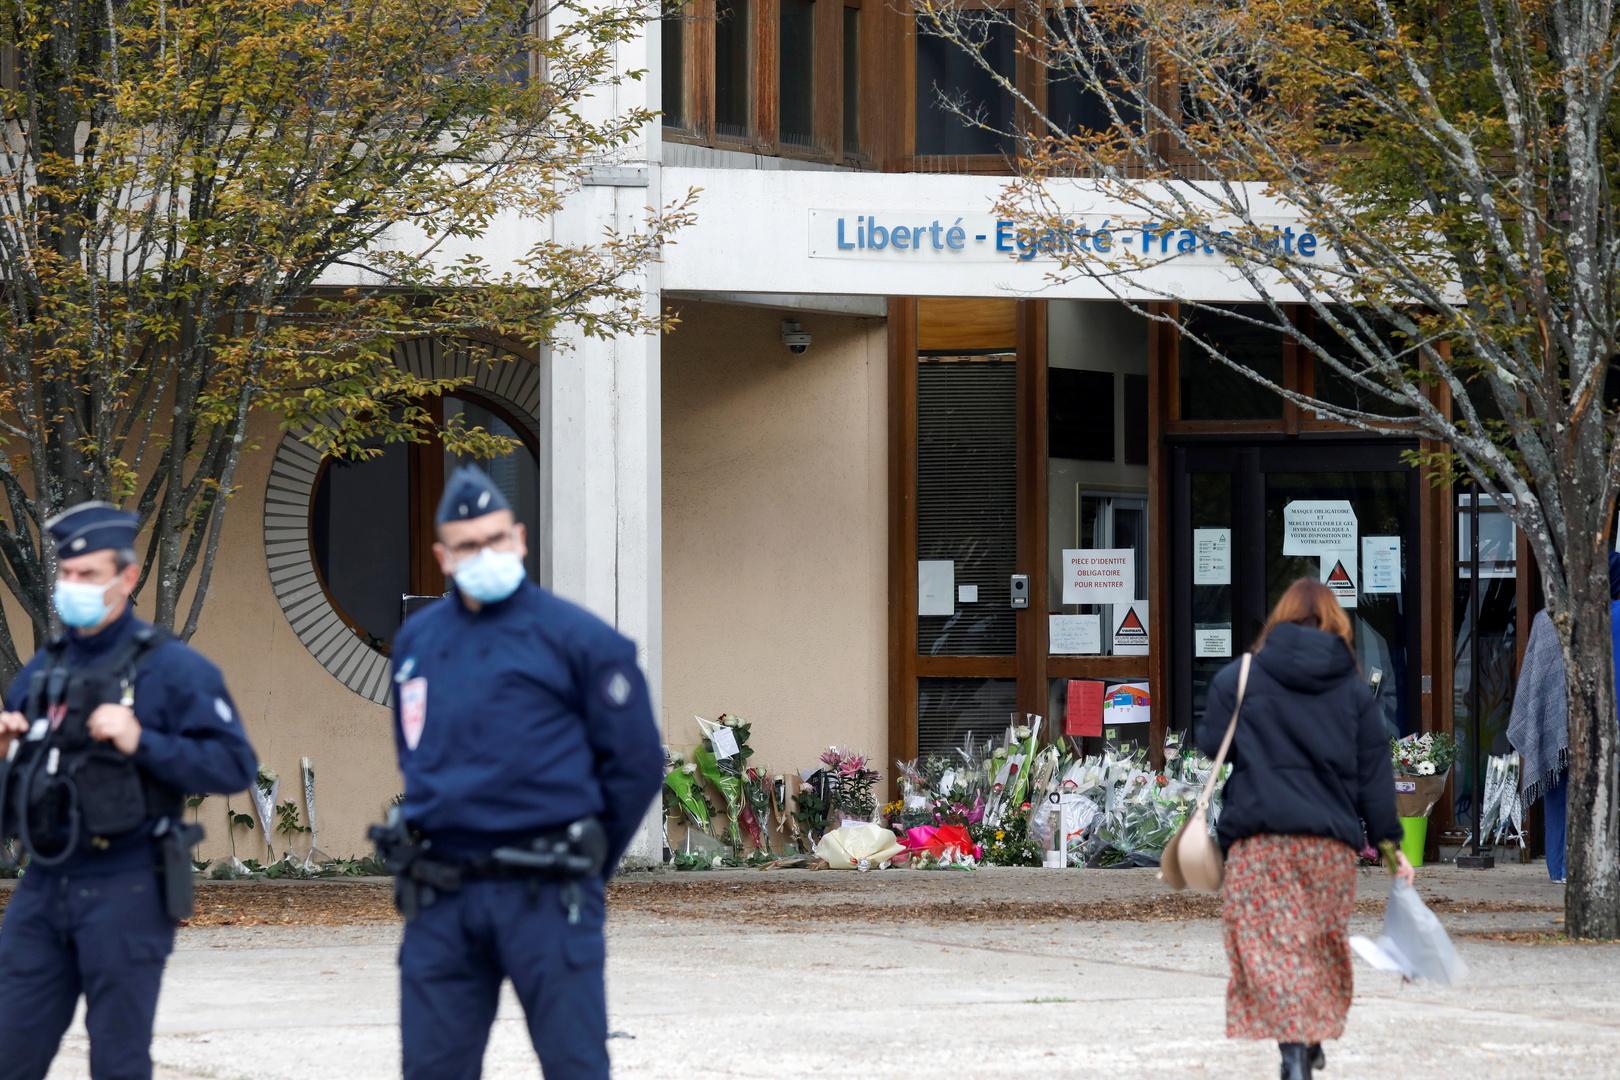 النيابة الفرنسية: قاتل المعلم في باريس حصل على صفة اللاجئ